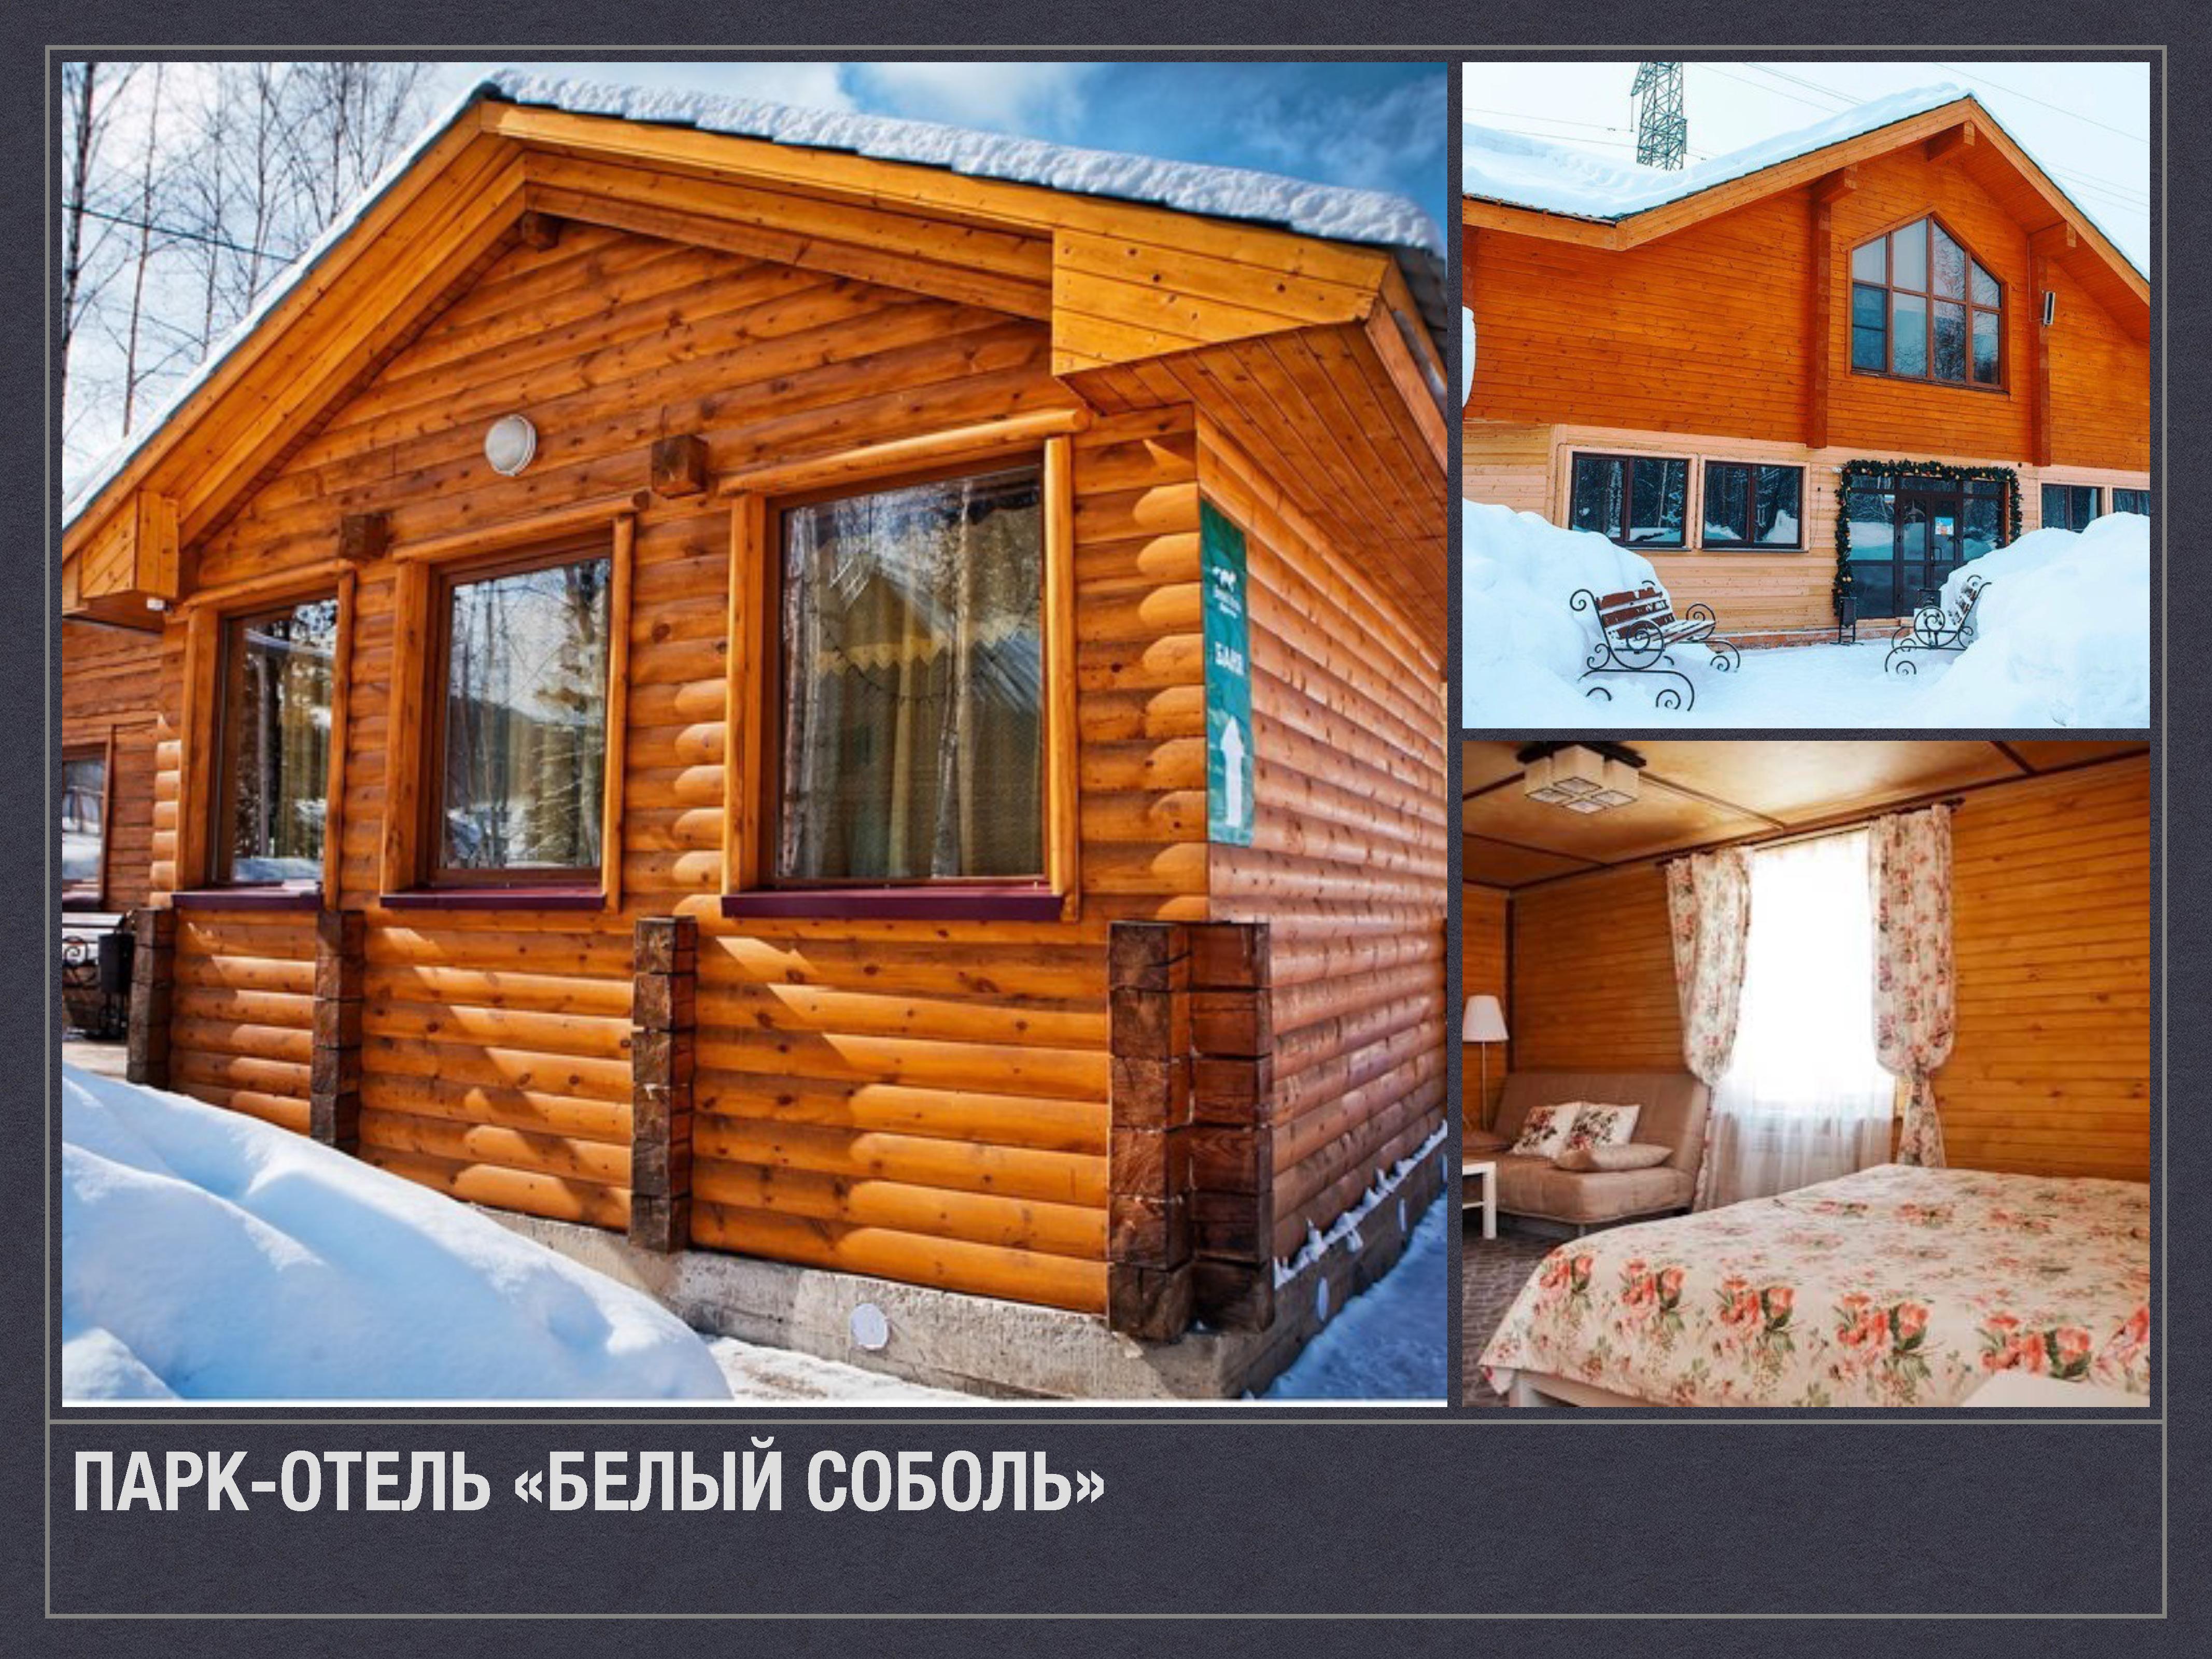 Baikal__07